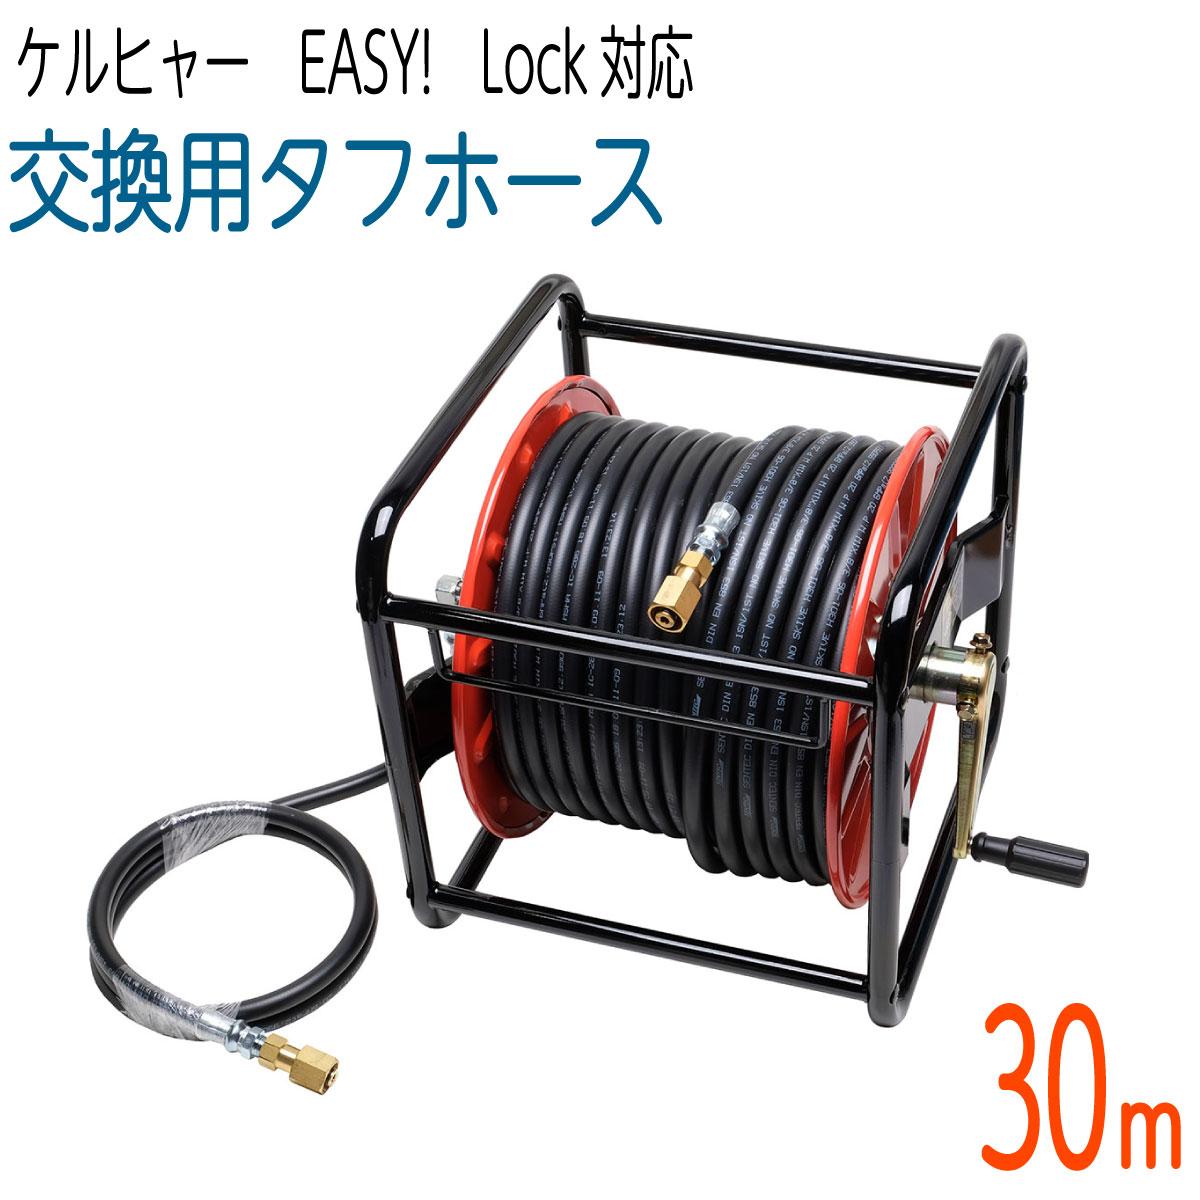 国際ブランド 30Mリール巻き 3 8サイズ 新型Easy ケルヒャーHD用 タフホース 交換高圧洗浄機ホース Lock対応 気質アップ